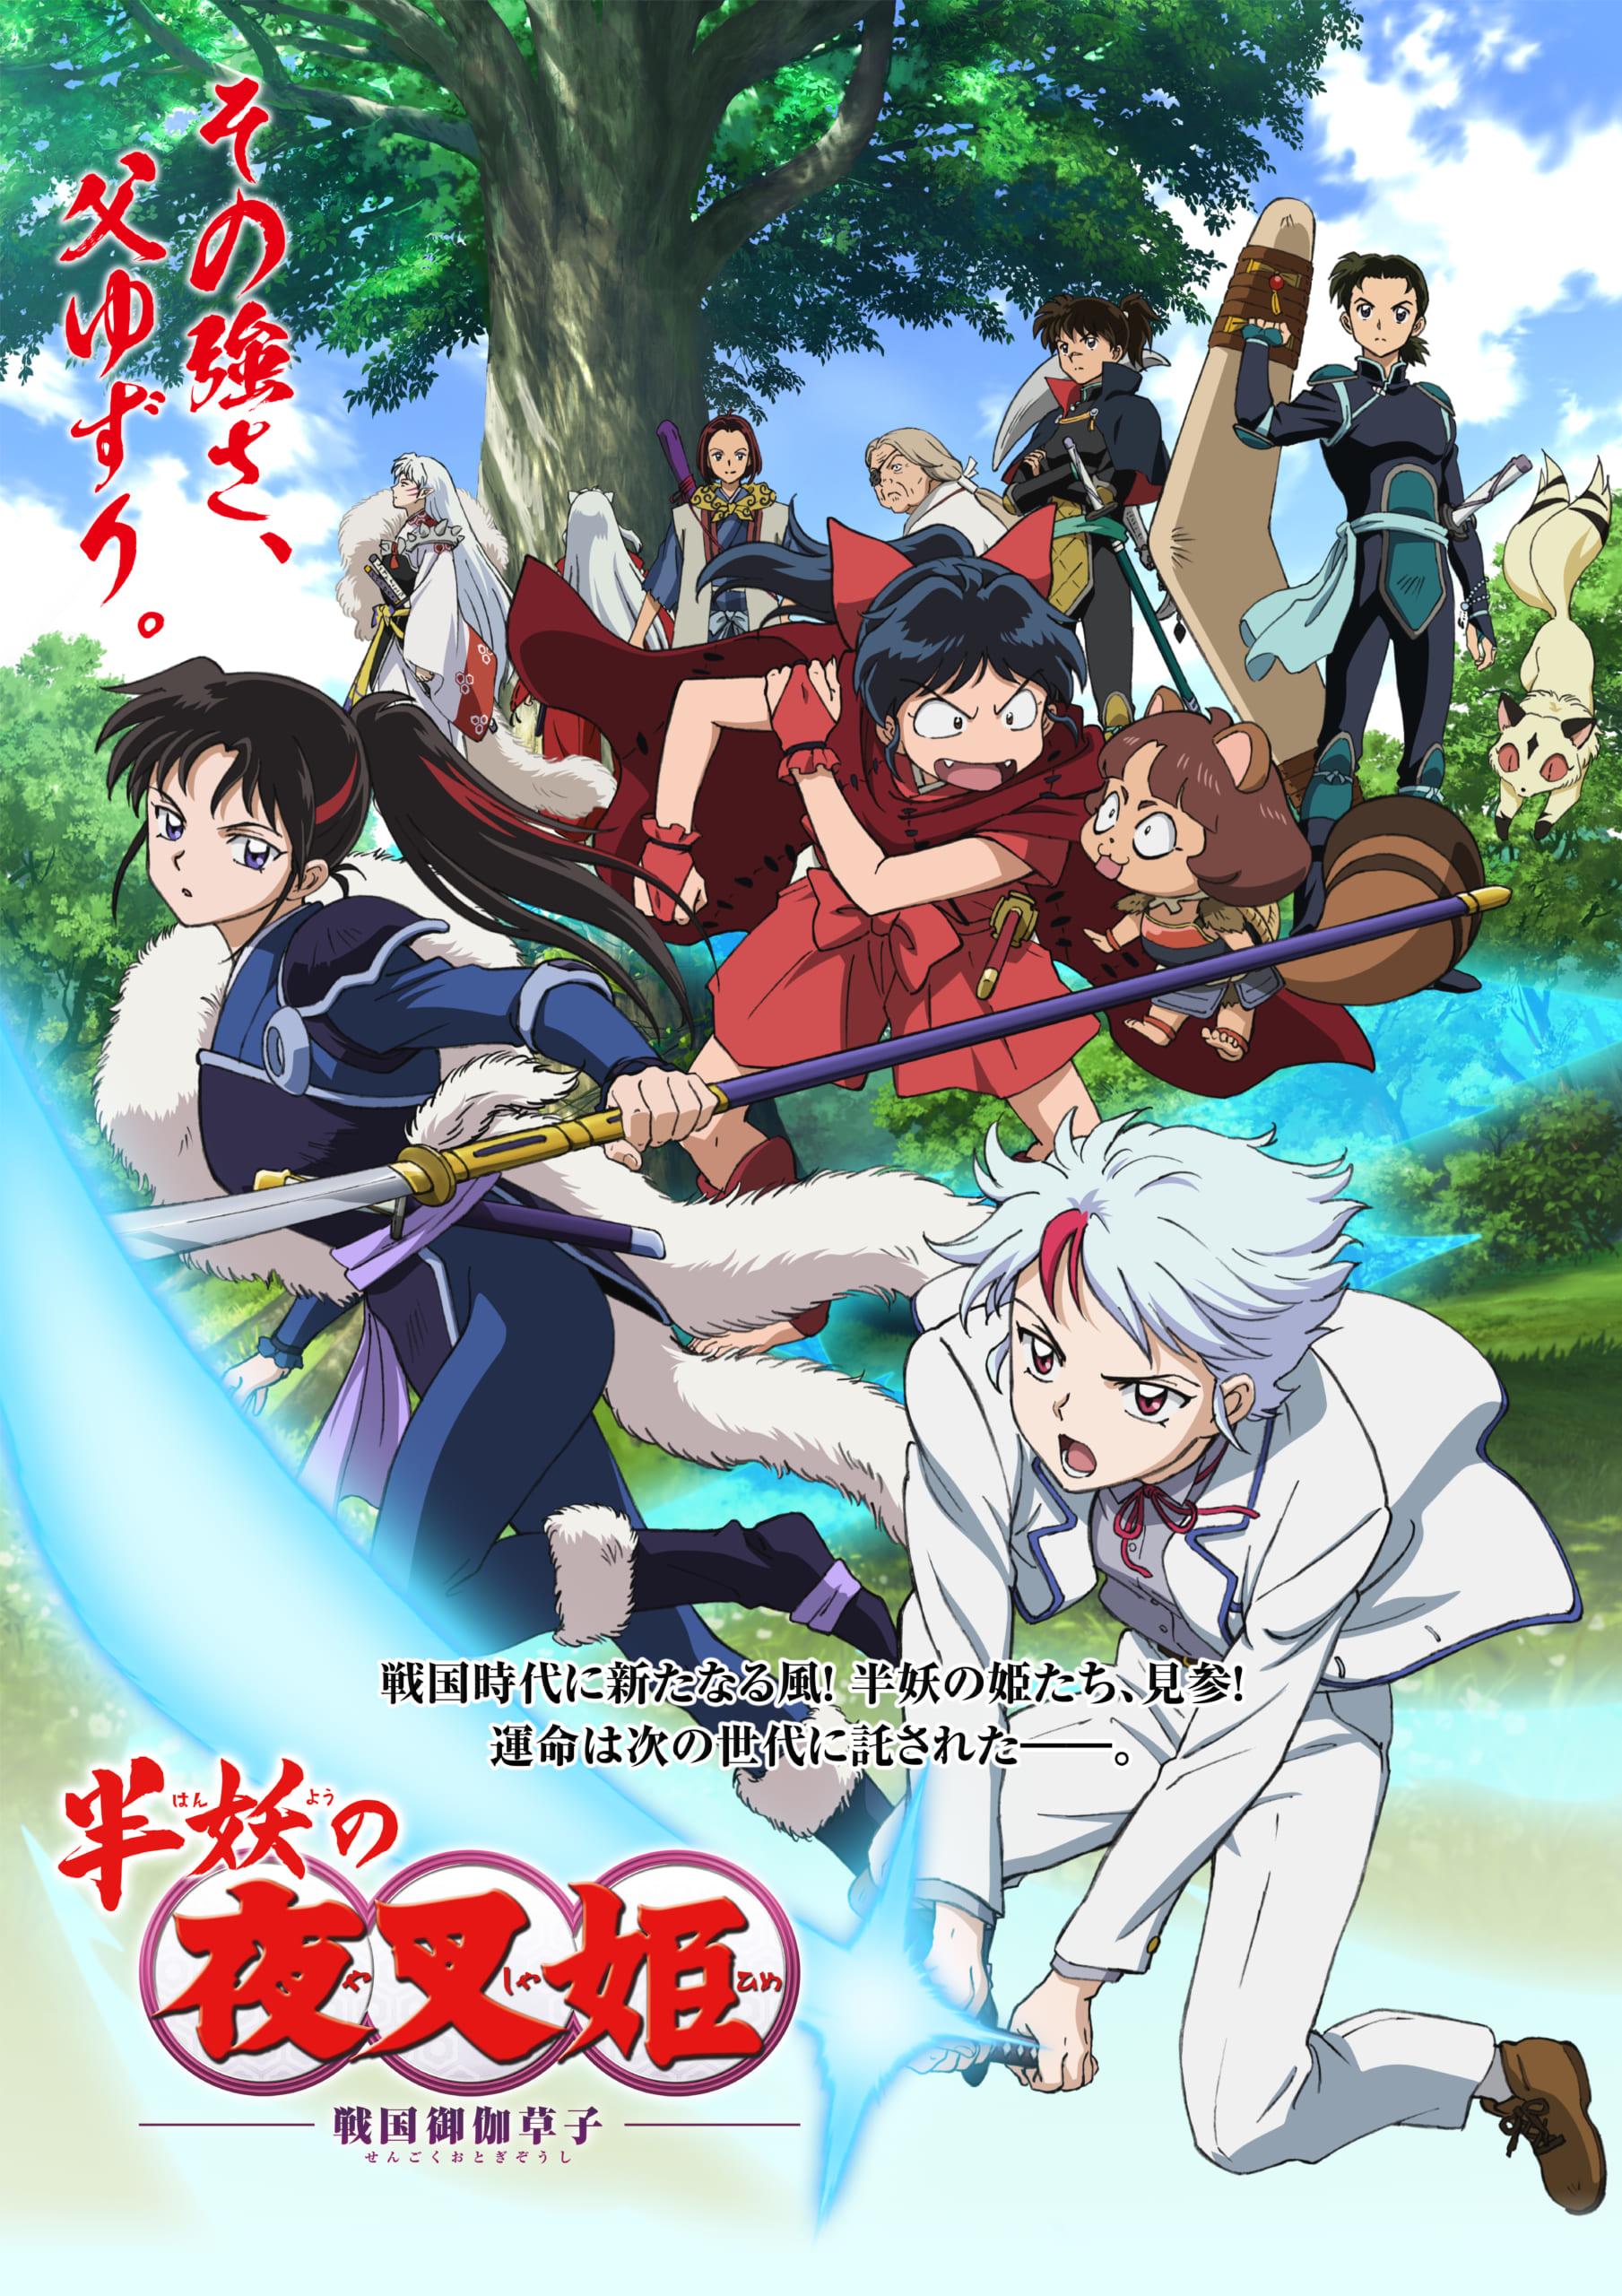 TVアニメ「半妖の夜叉姫」キービジュアル